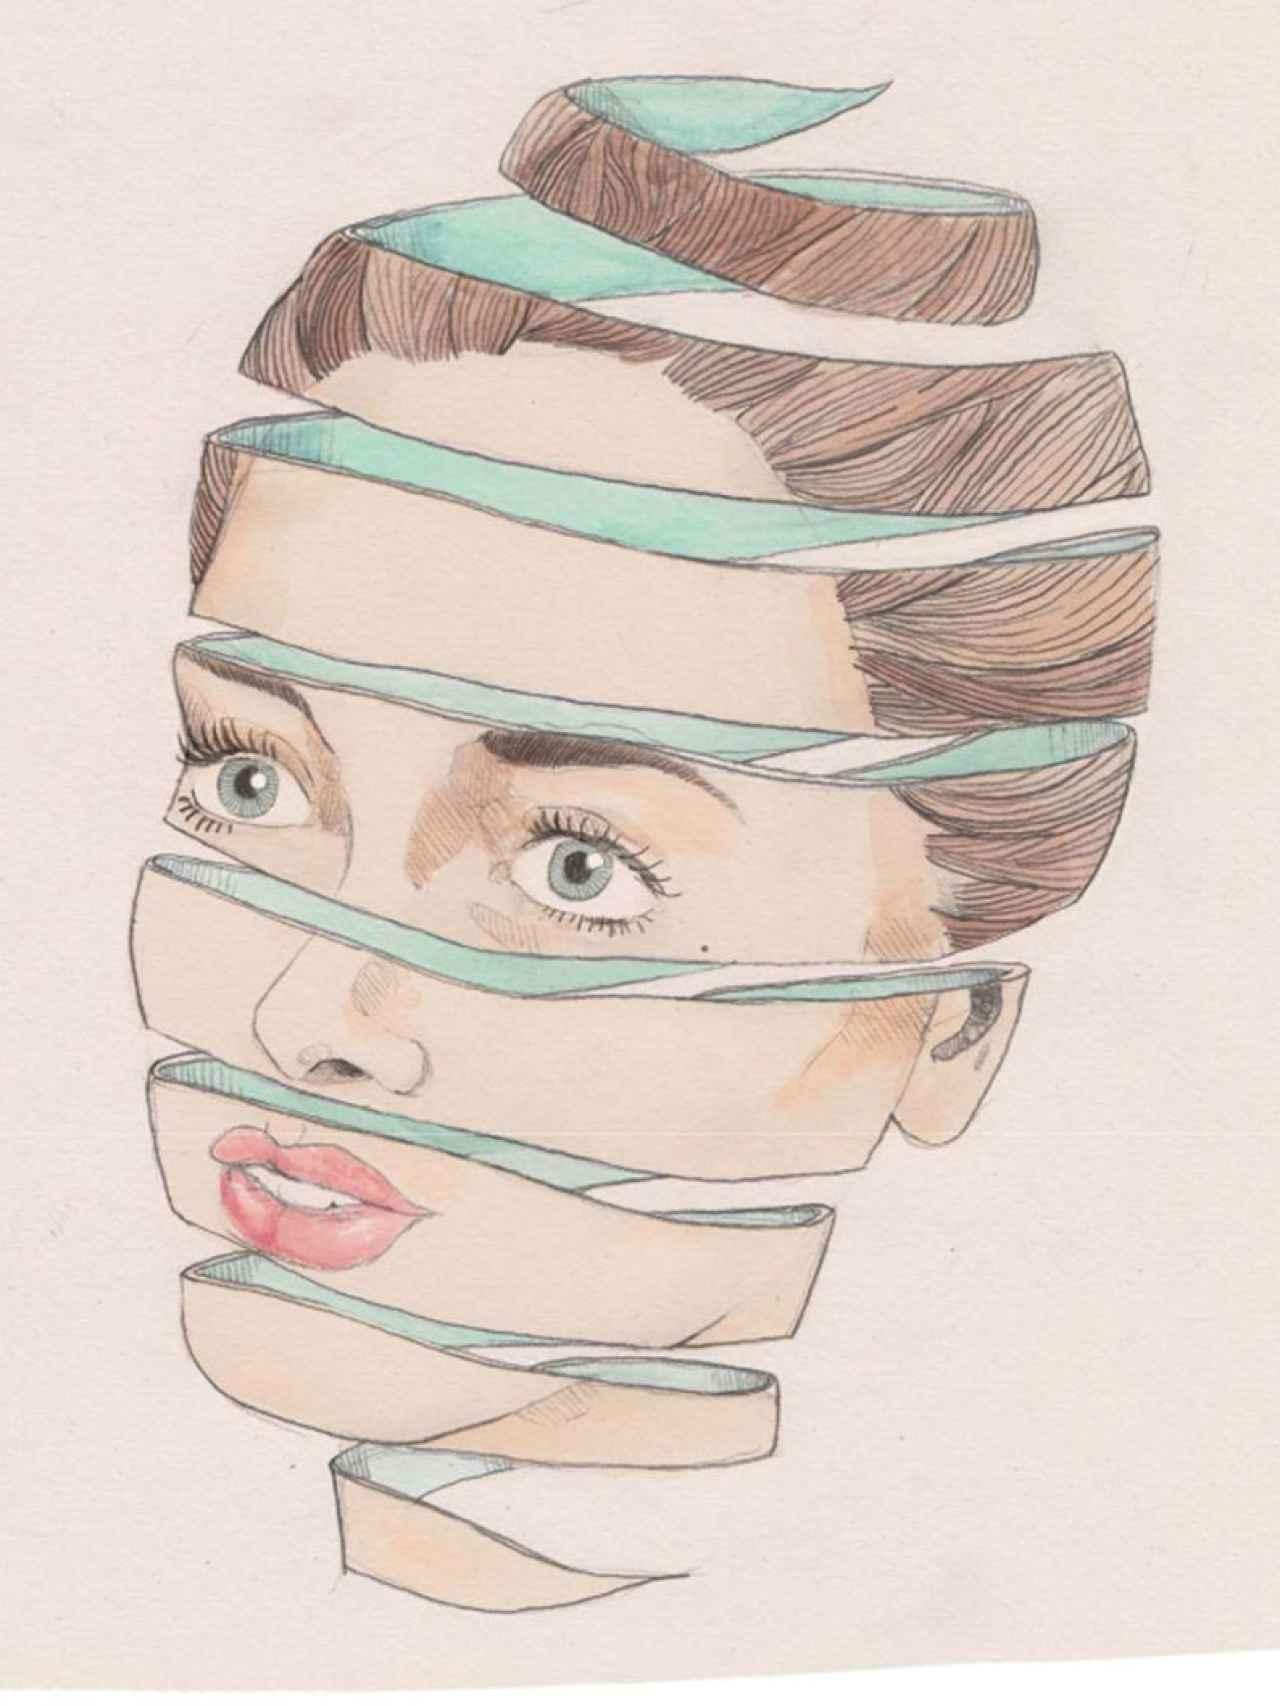 Una de las ilustraciones de Anatomías íntimas, el libro de Carlos Sadness.